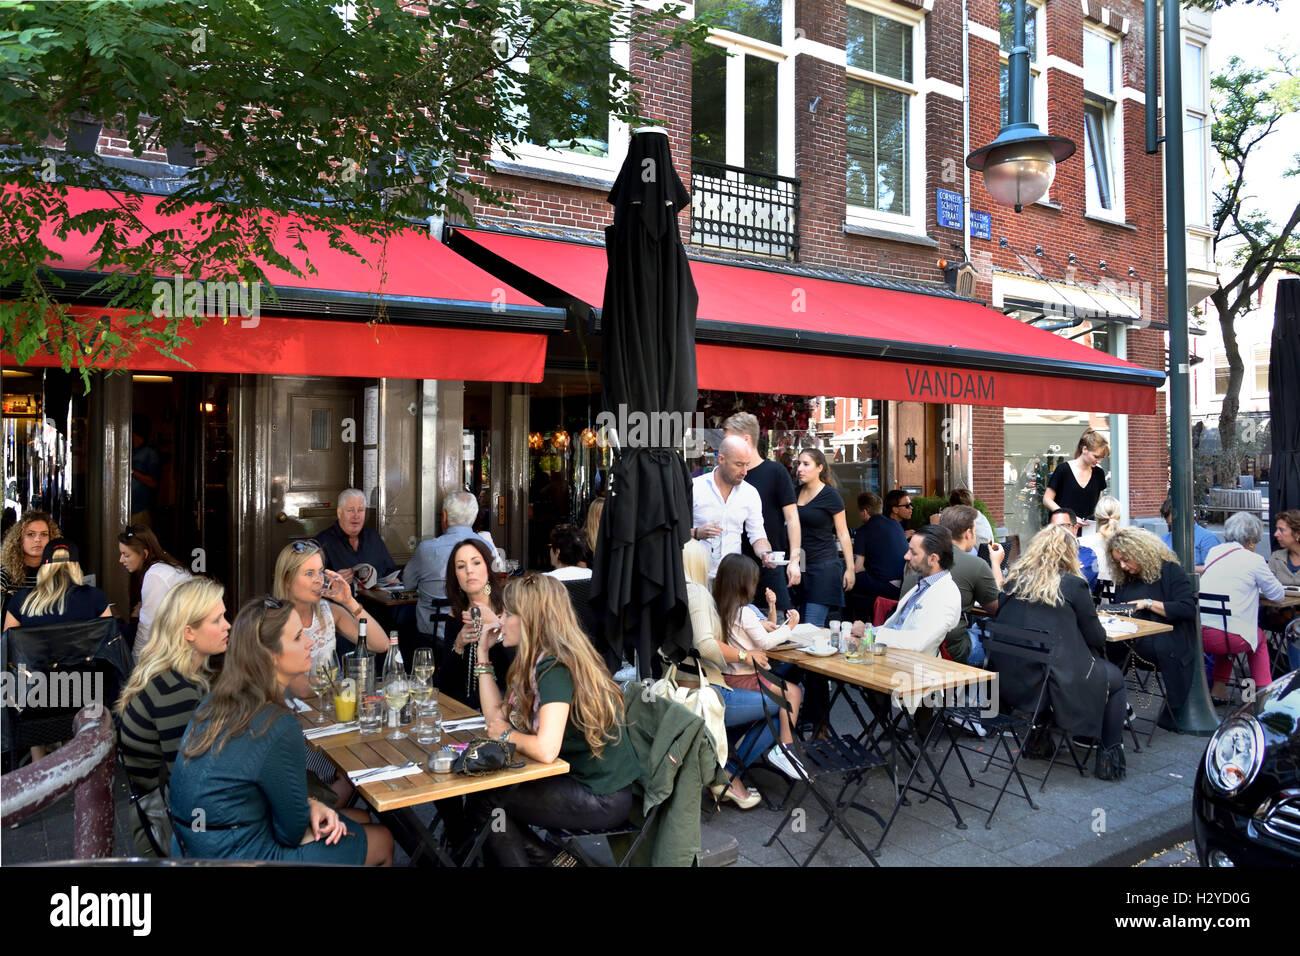 Restaurant français La Brasserie Van Dam Cornelis Schuytstraat Néerlandais Pays-Bas Amsterdam Oud Zuid Banque D'Images